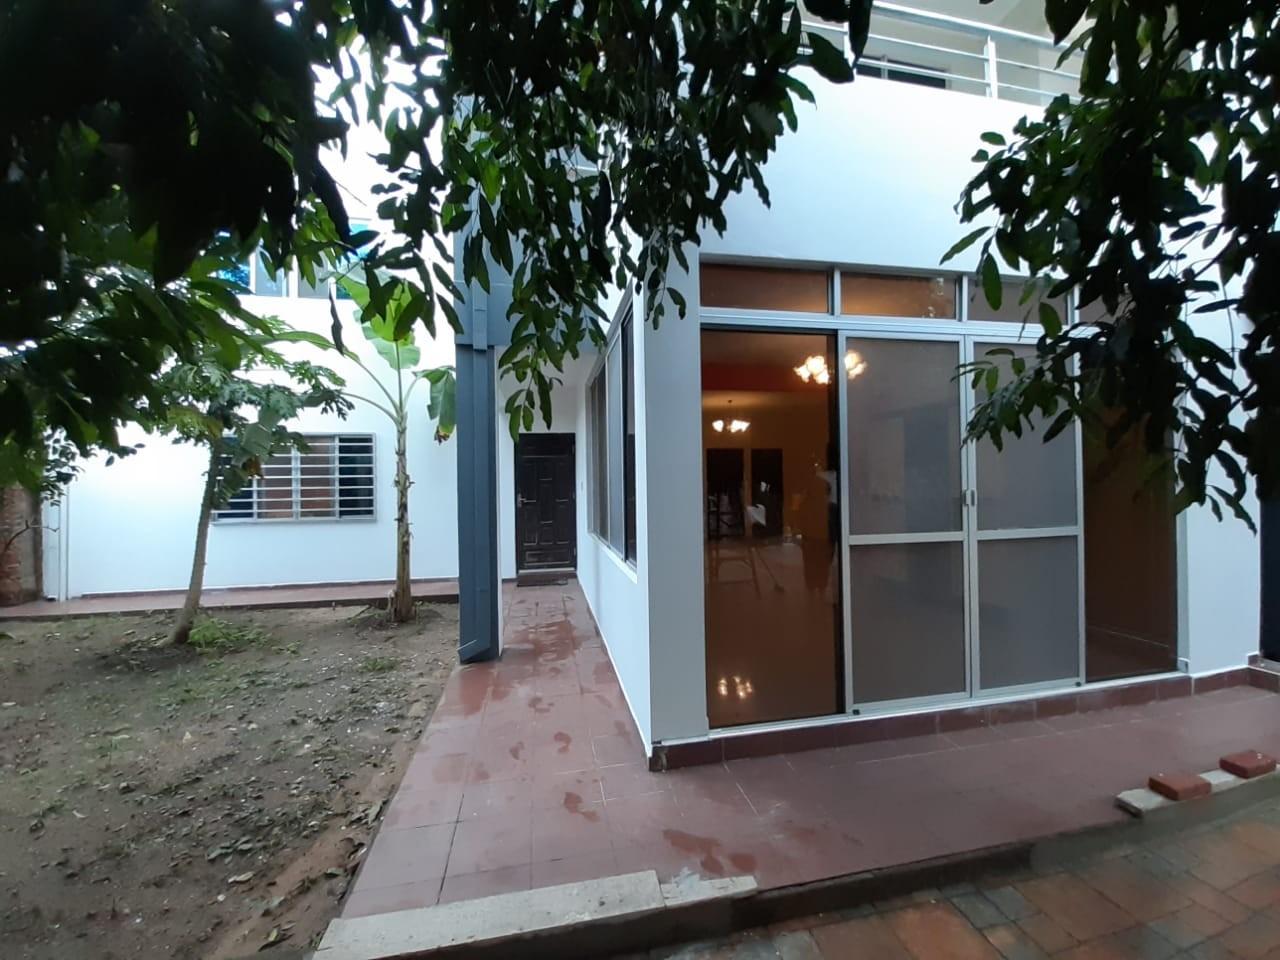 Casa en Alquiler Zona el Bajio, entre Av. Doble Via la Guardia y Radial 17 1/2, km 6 Foto 4